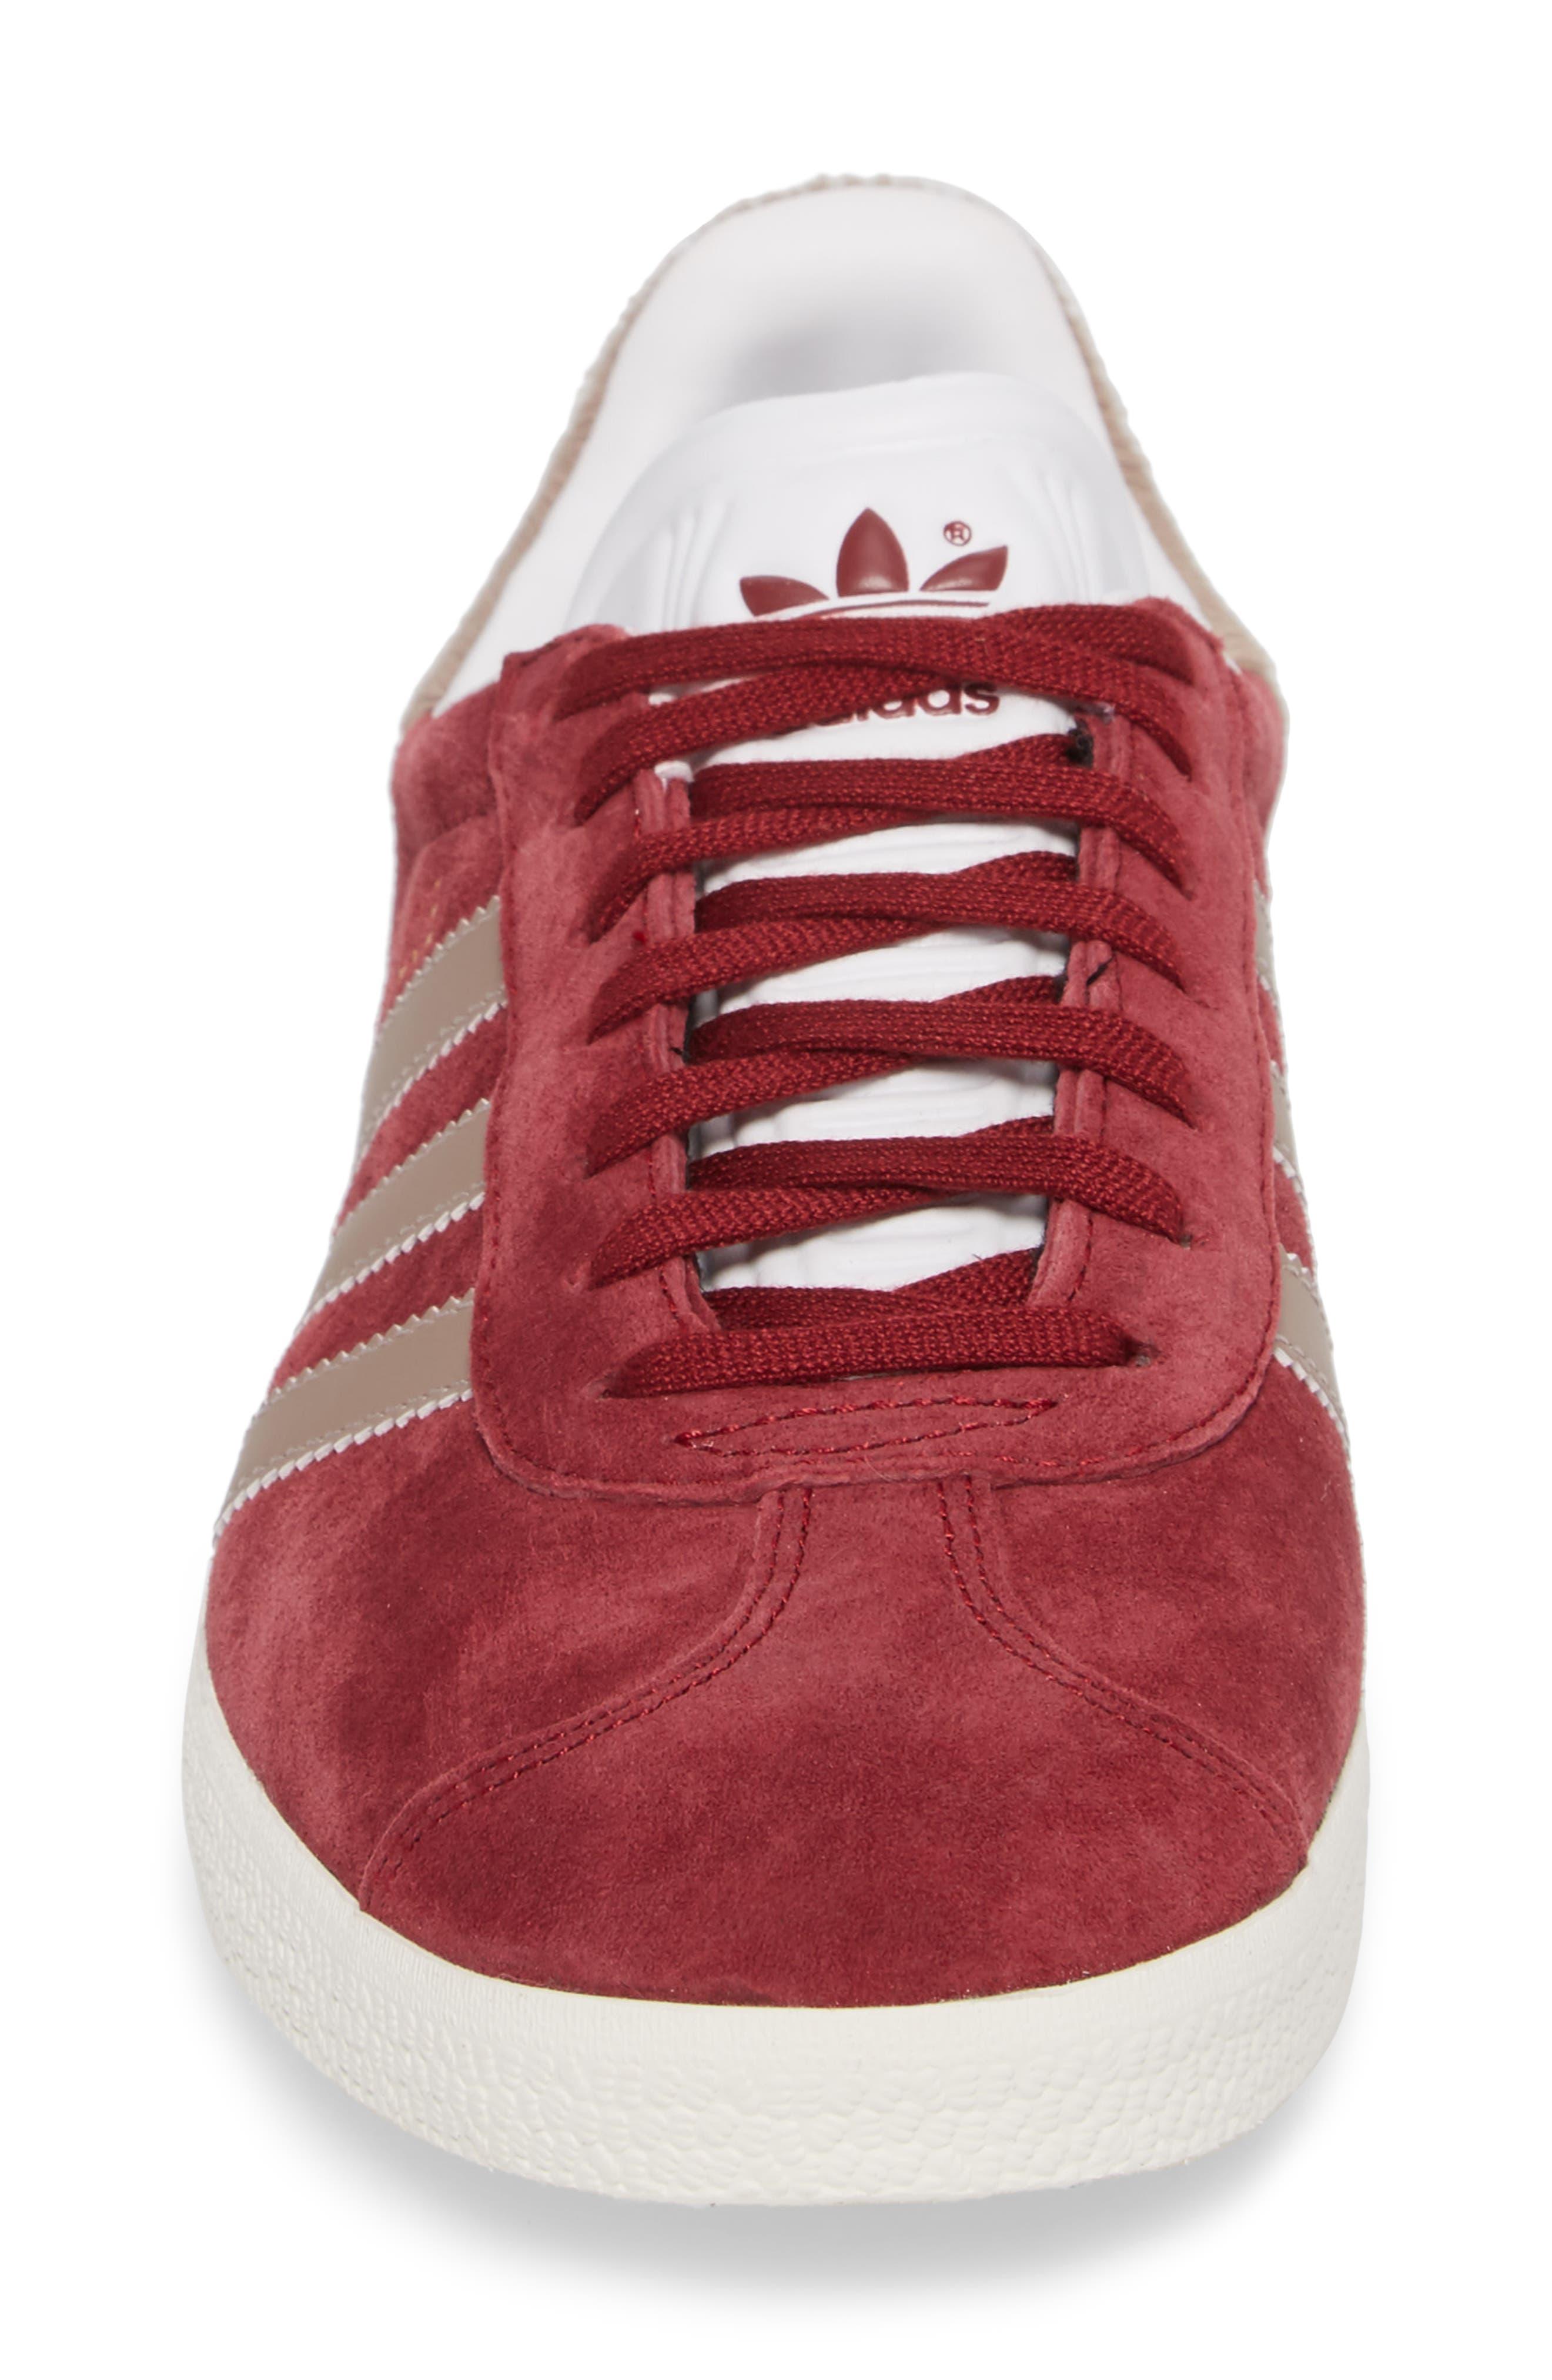 Gazelle Sneaker,                             Alternate thumbnail 4, color,                             Burgundy/ Vapour Grey/ White